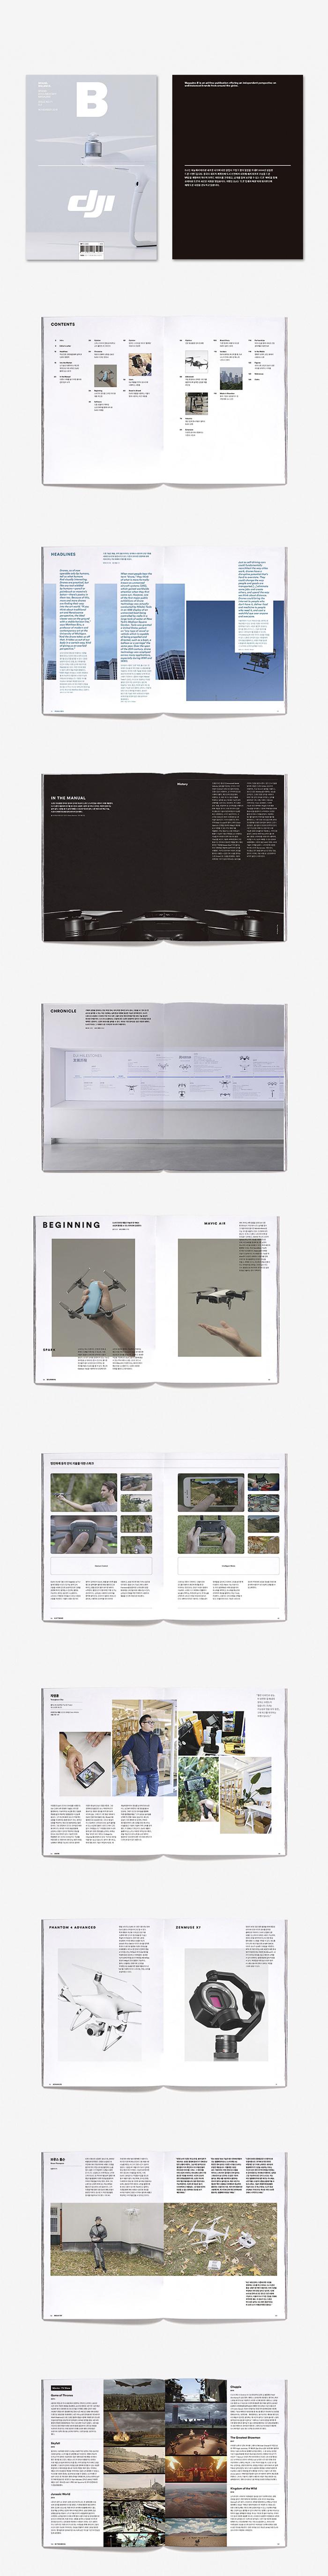 매거진 비(MAGAZINE B) Magazine B Issue#71 DJI